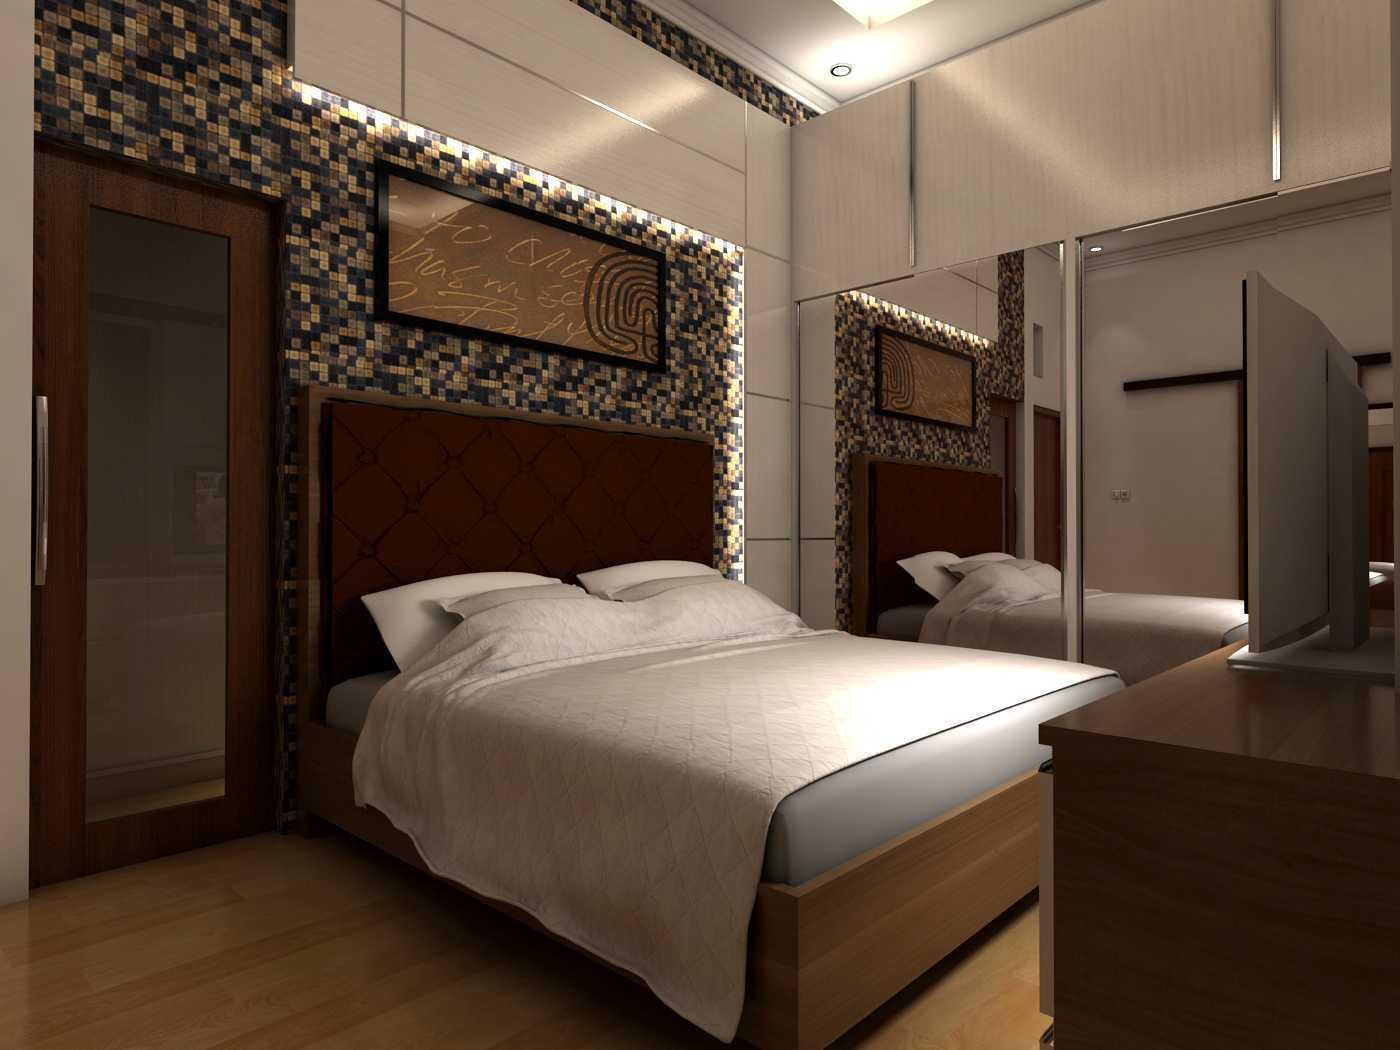 Amadeus Robert Interior Design And Contractor Mi Master Bedroom Kalibata, Jakarta Selatan Kalibata, Jakarta Selatan Master Bedroom  19605